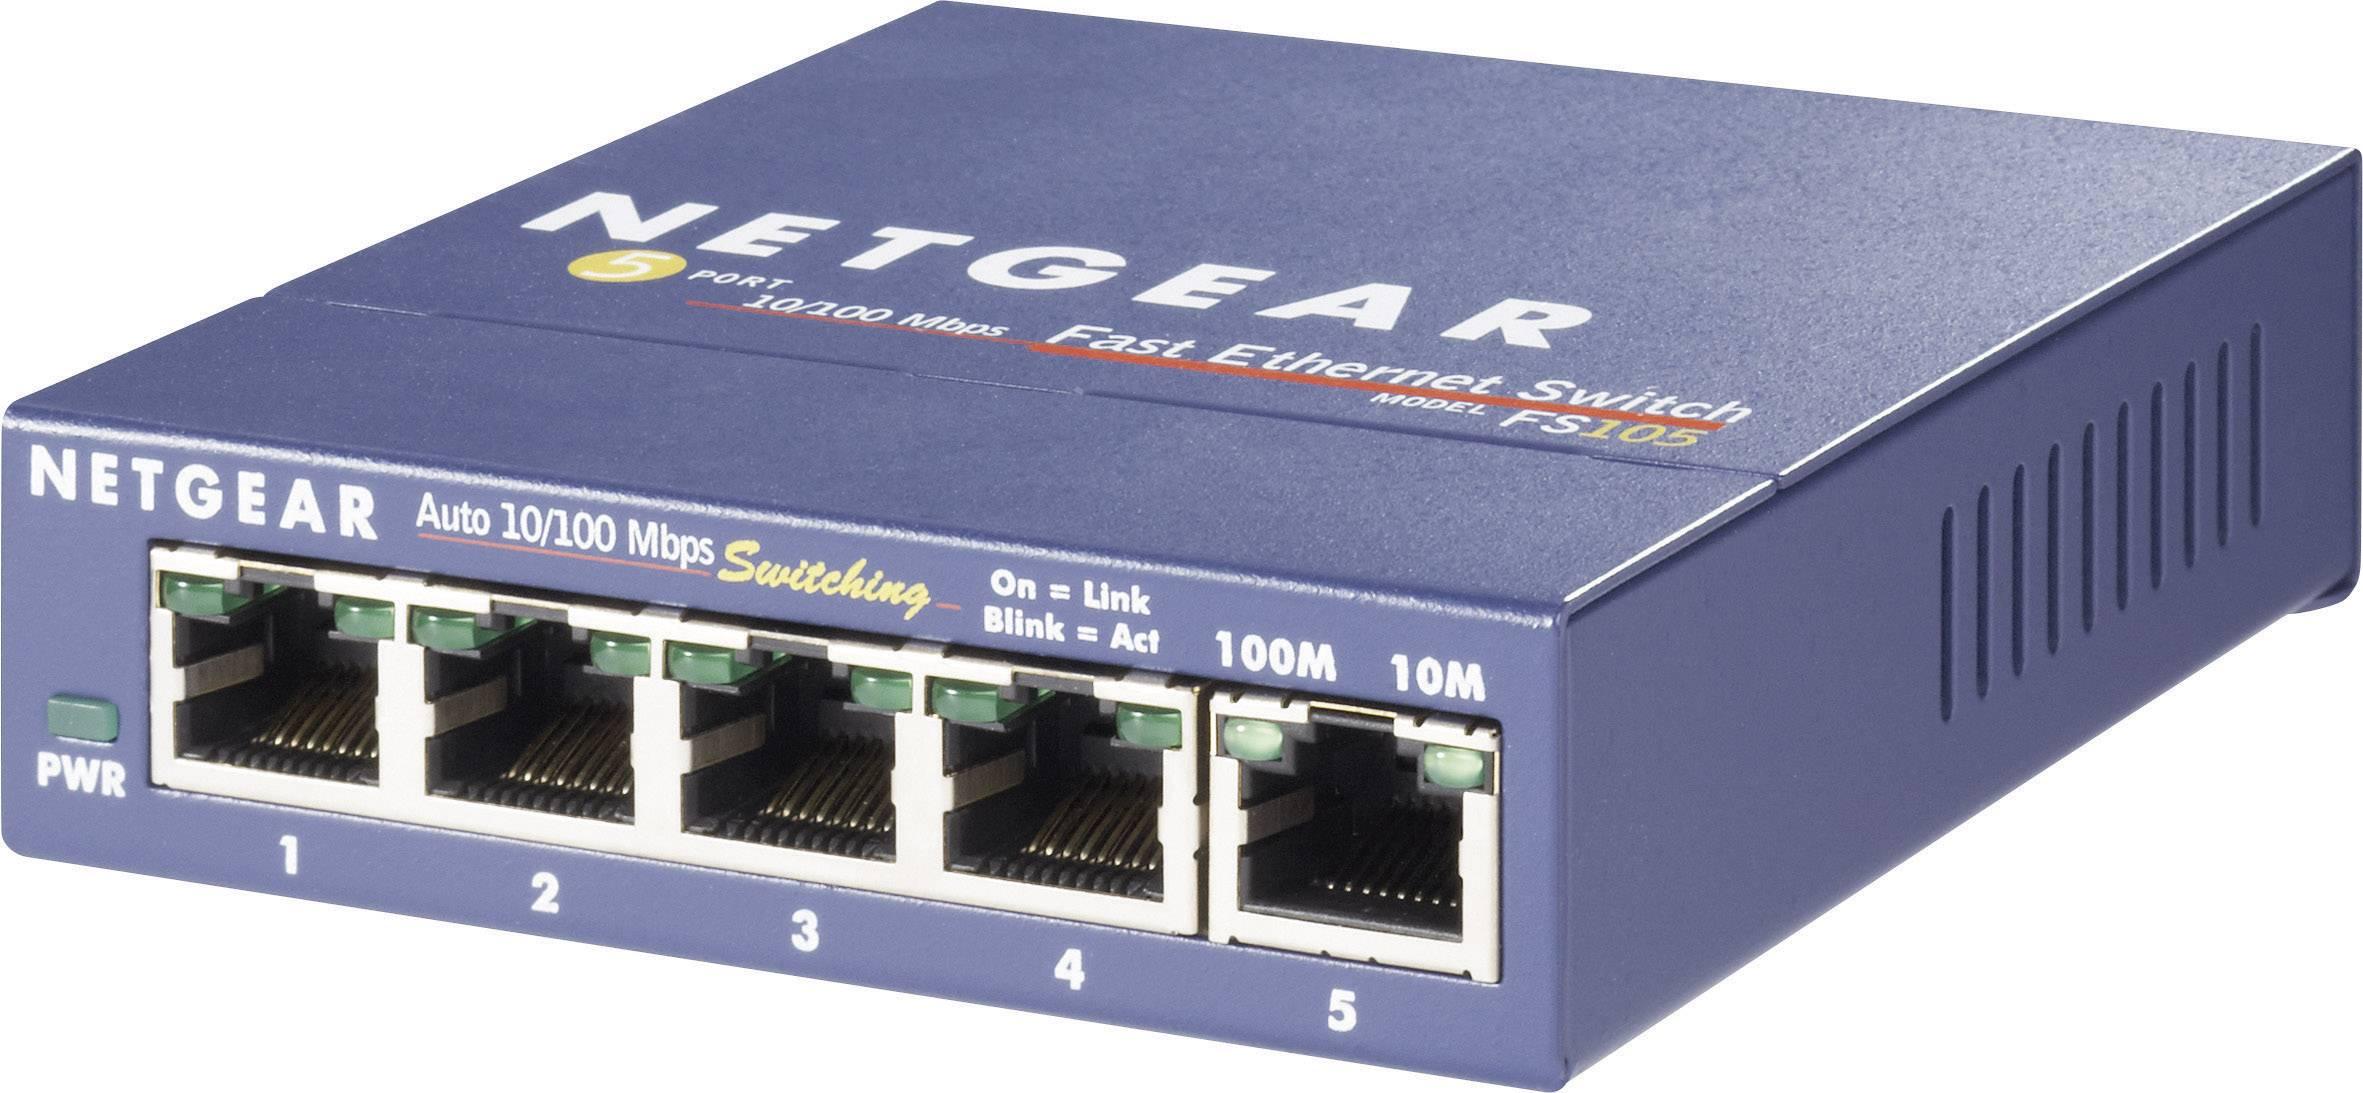 Síťový switch NETGEAR, FS105, 5 portů, 100 Mbit/s